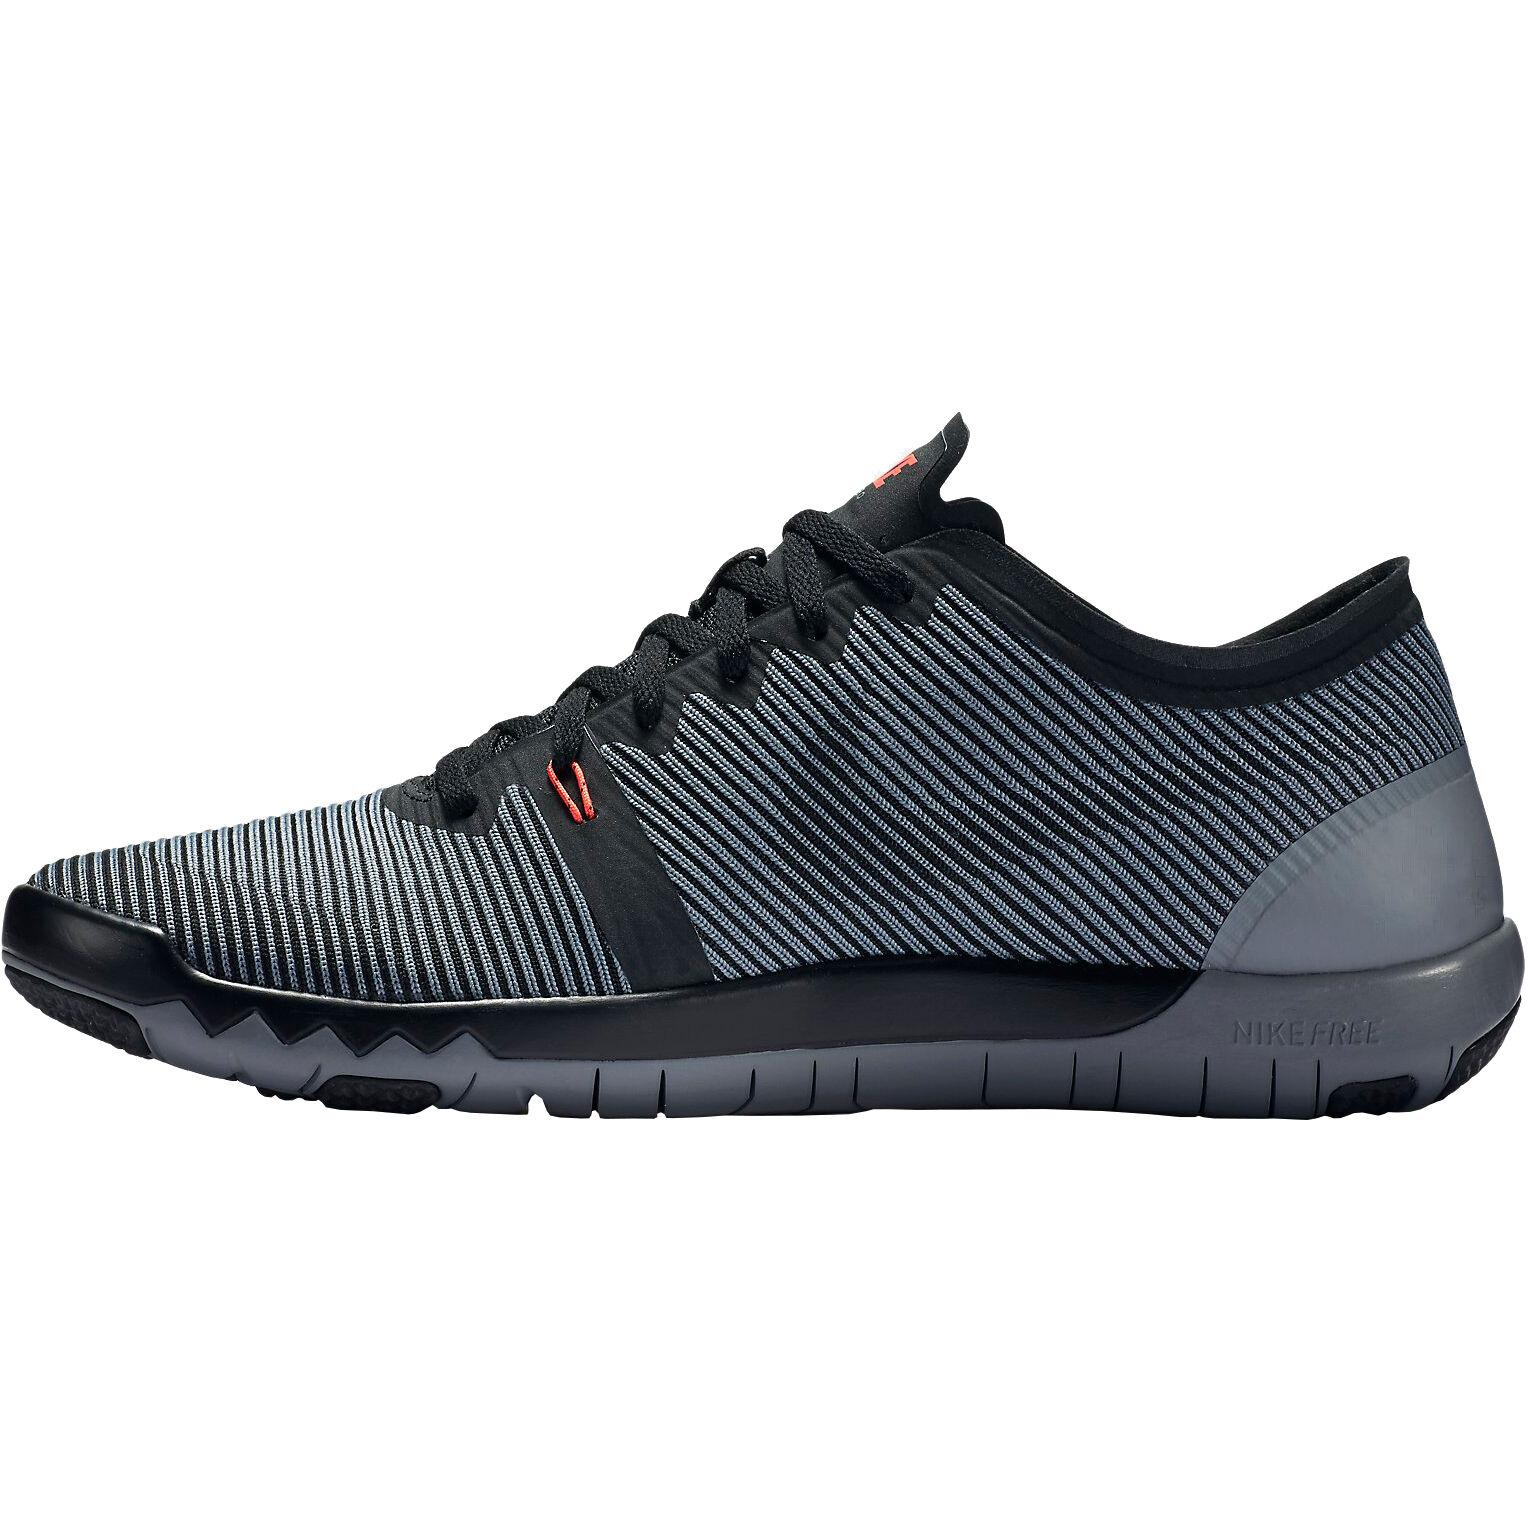 buy Nike Free Trainer 3.0 V4 Fitness